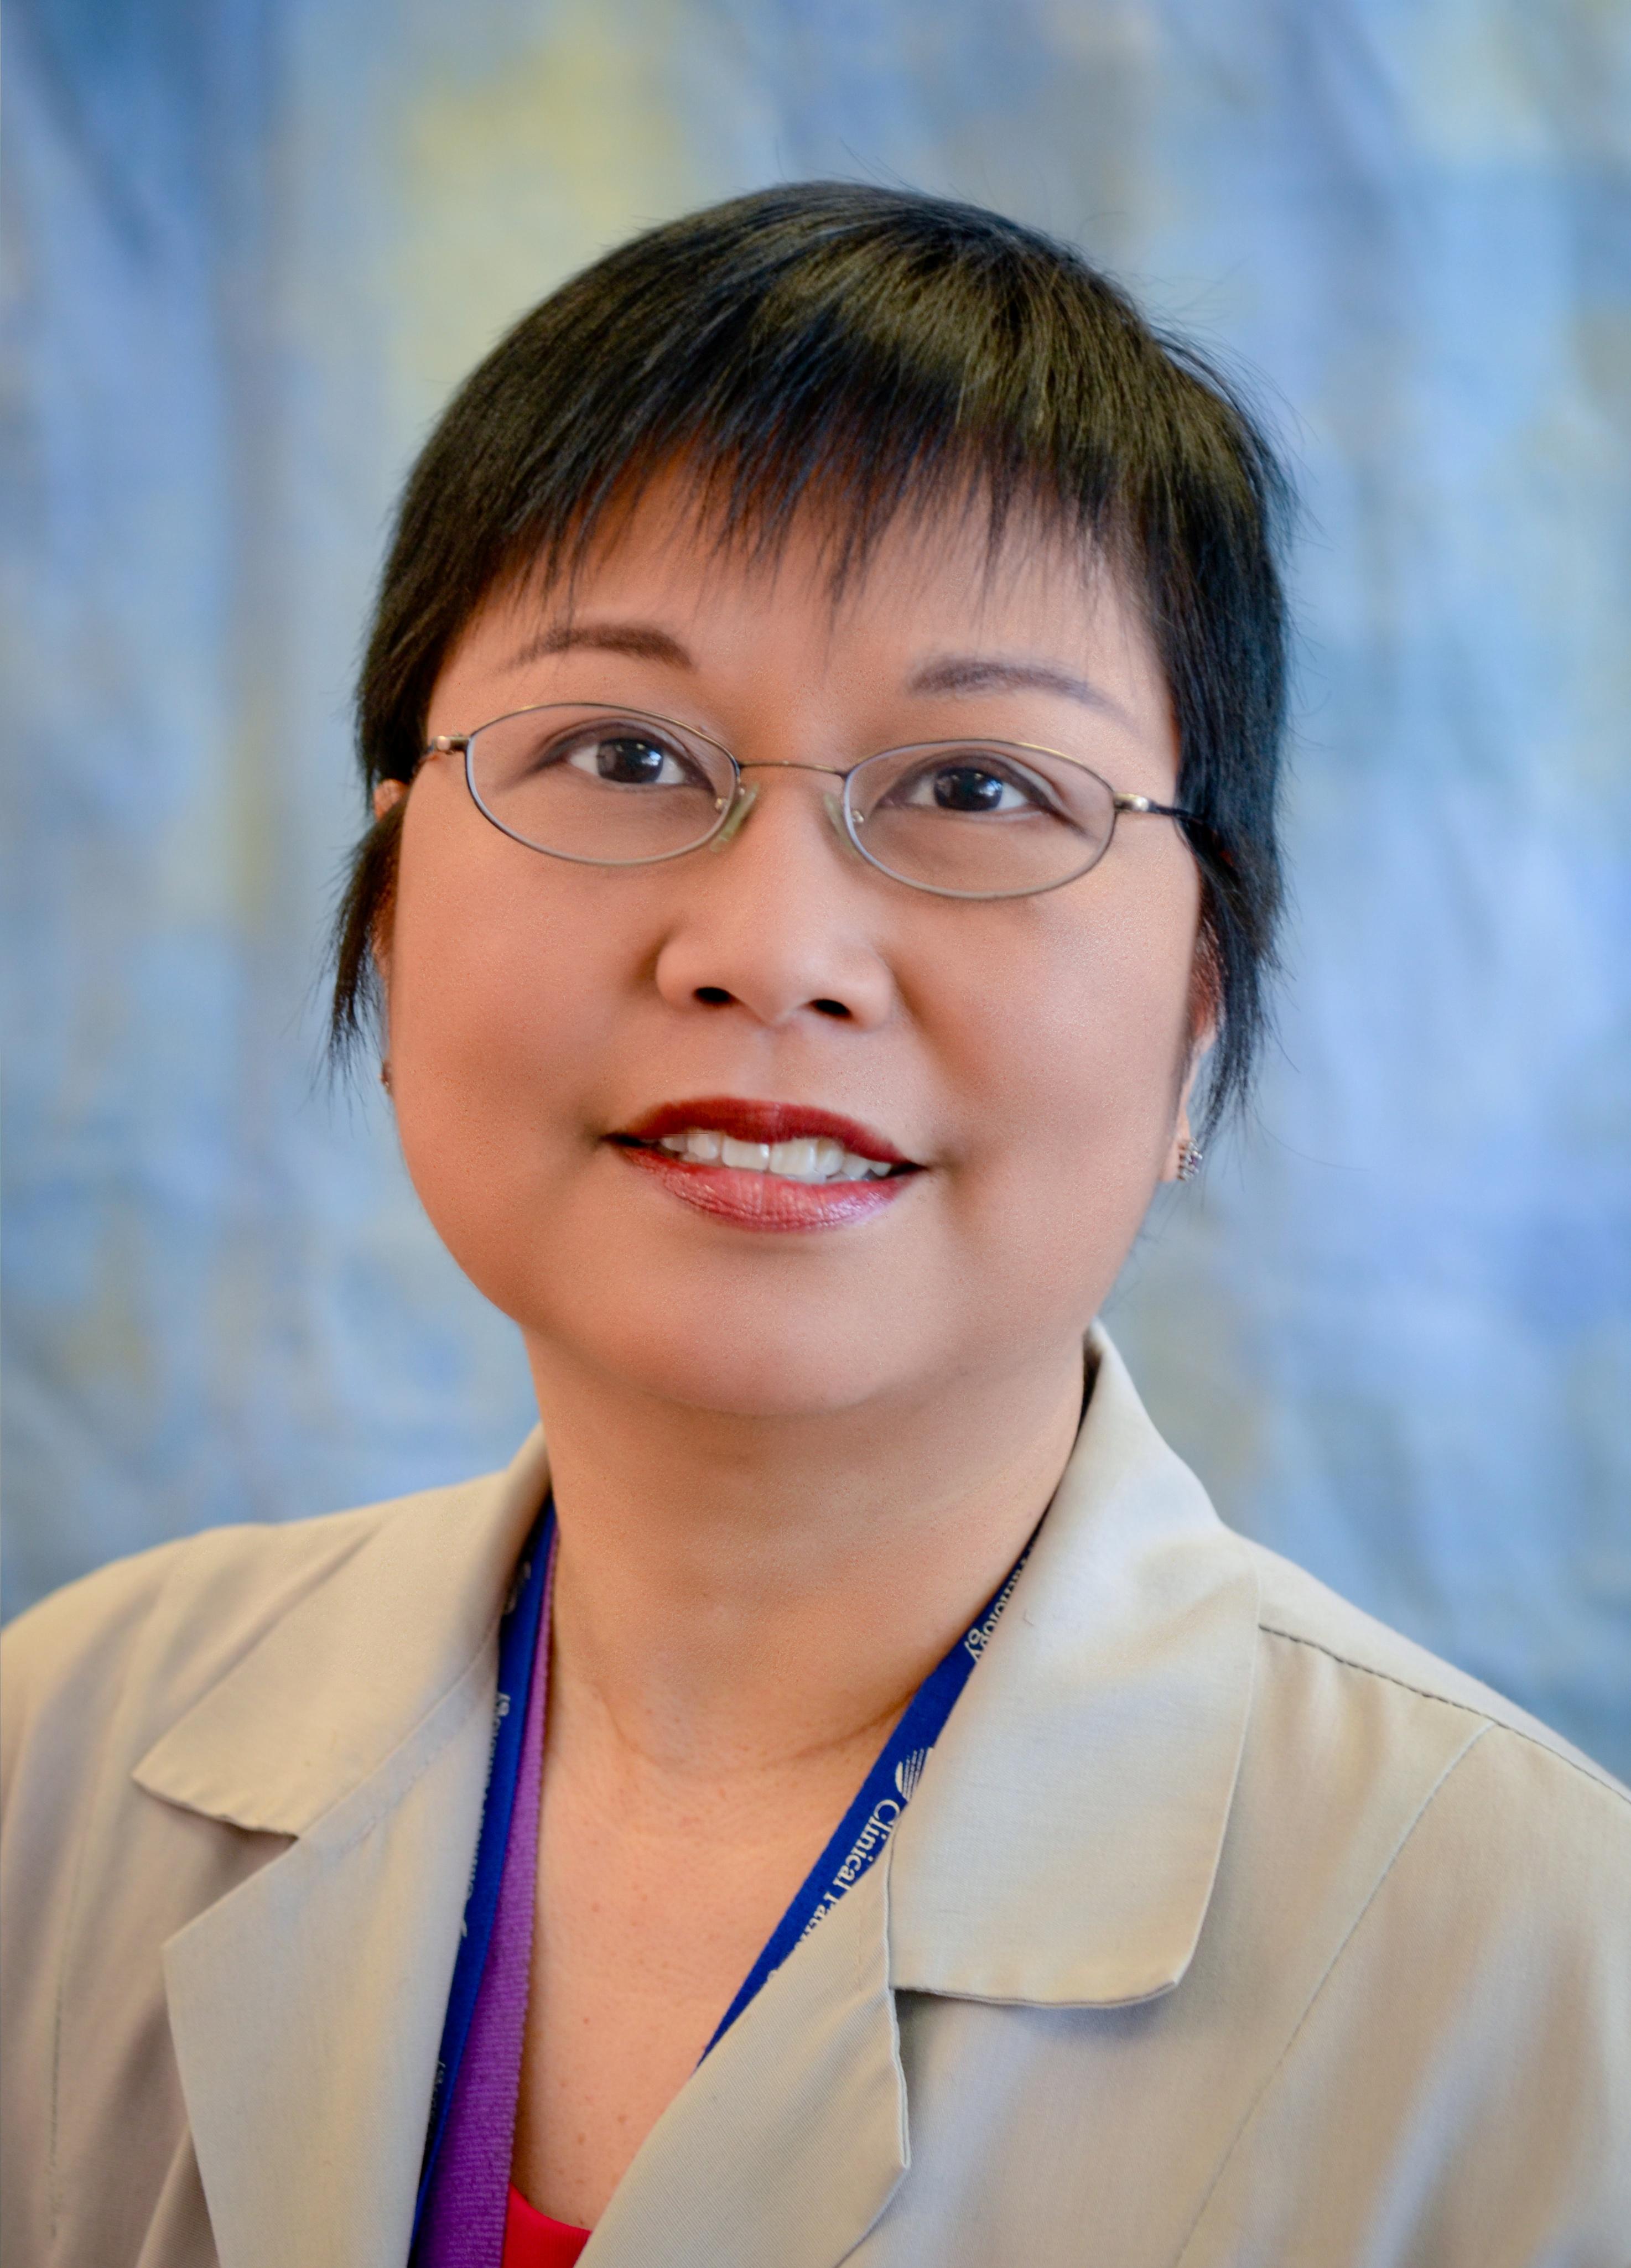 Karen Ferrer, MD